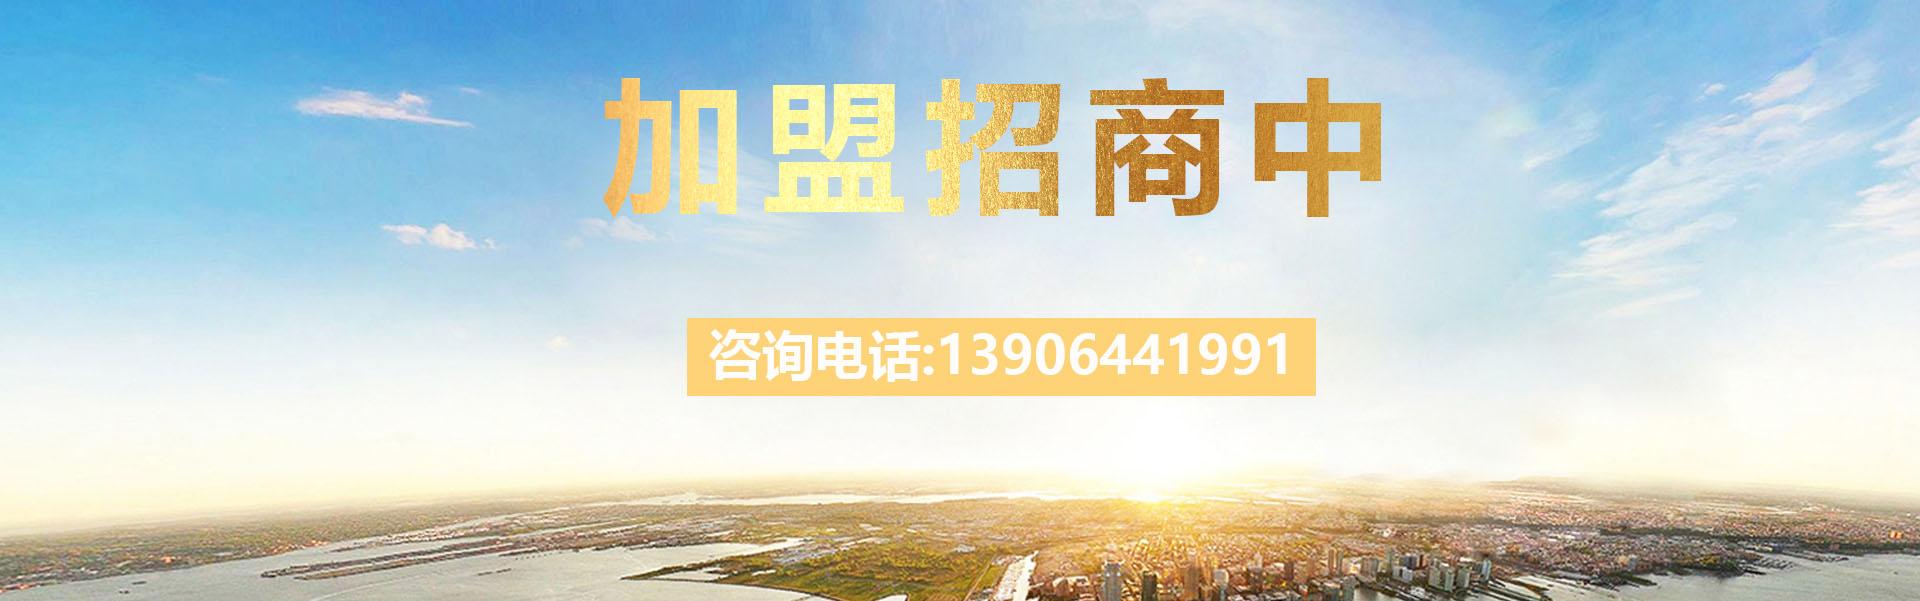 微JBO线路中心JBO竞博